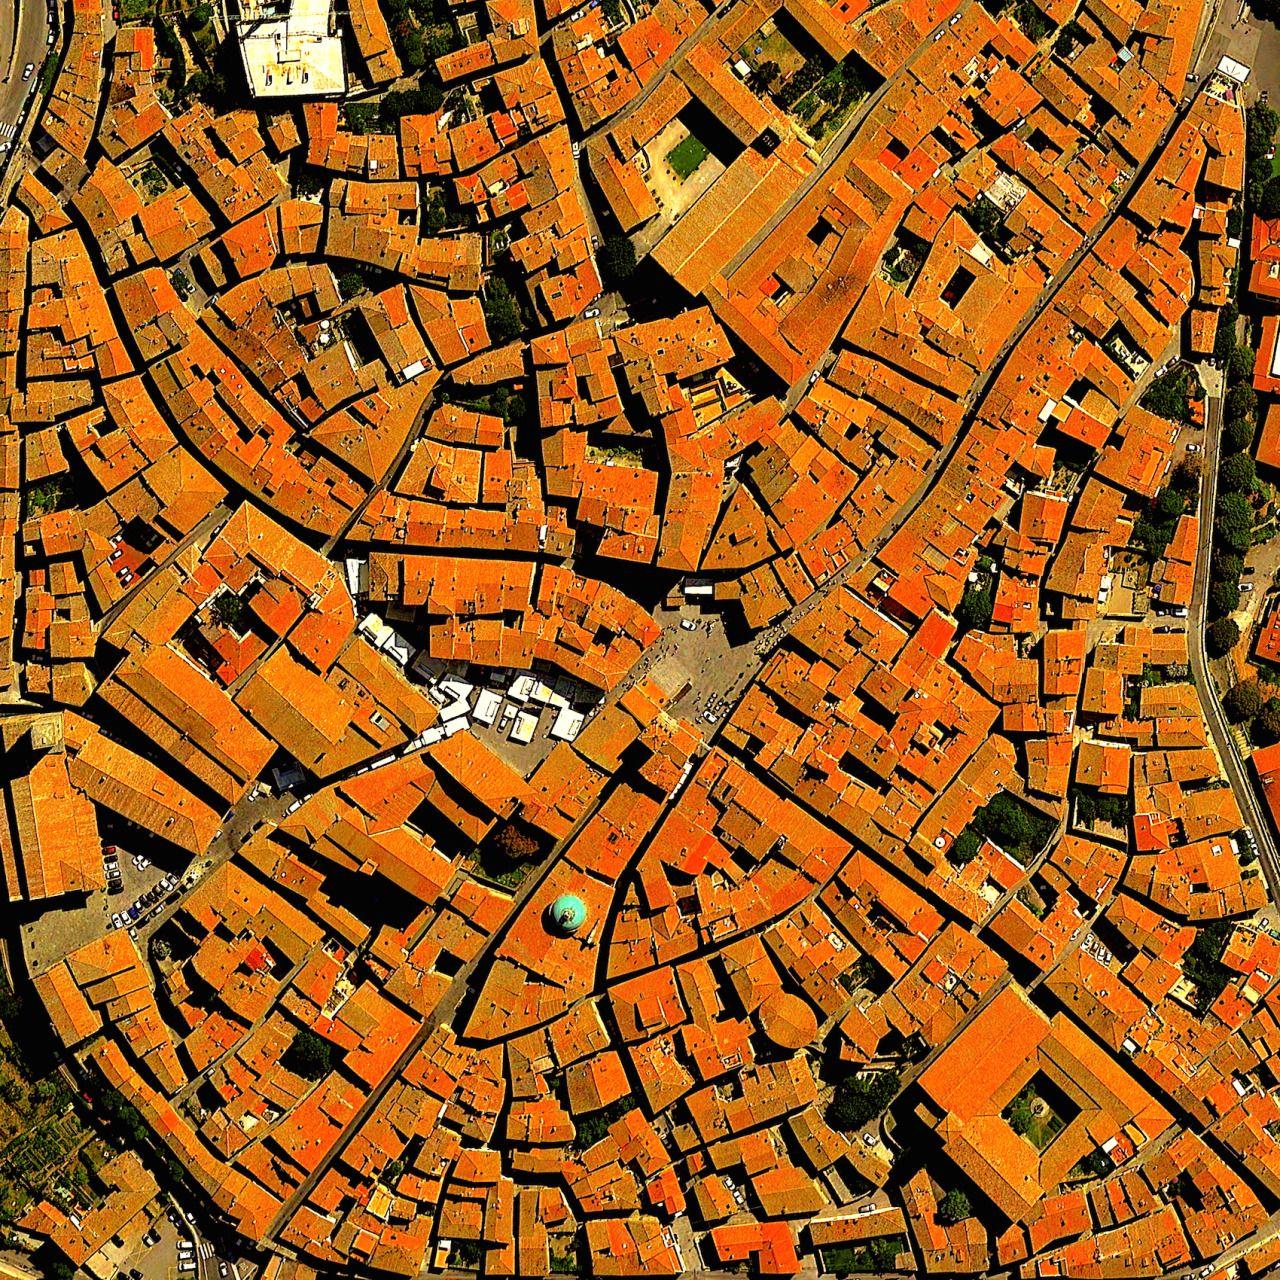 Eccellenze italiane cortona province of arezzo italy for Architetti on line gratis